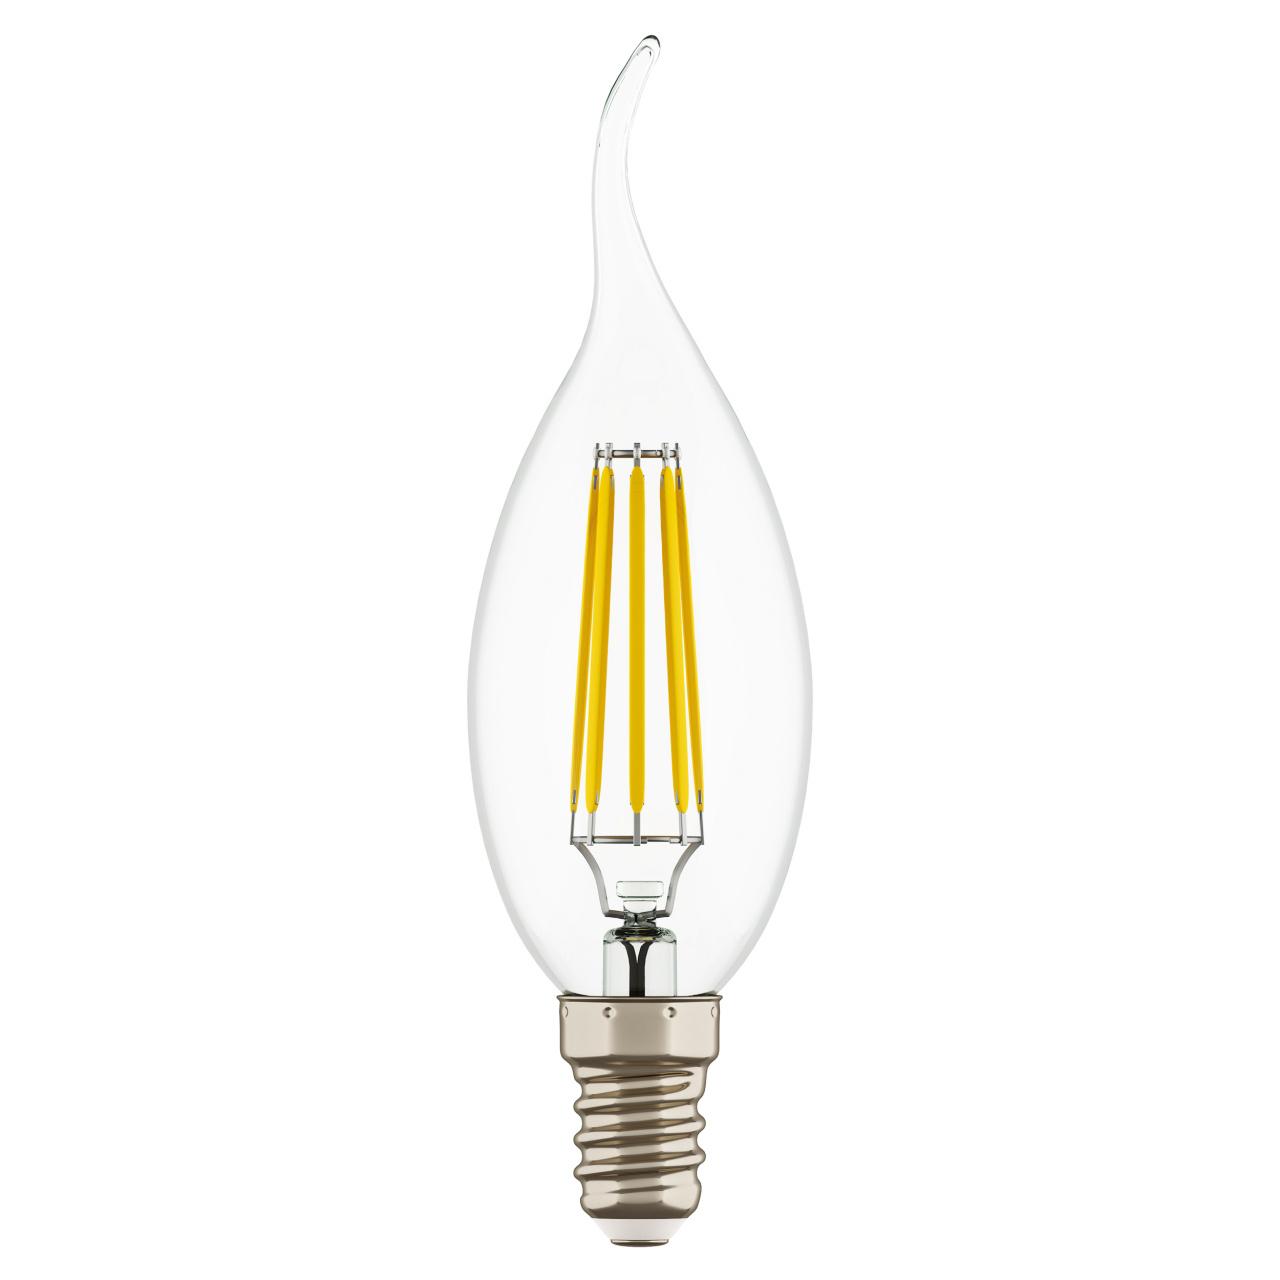 Лампа LED Filament 220V CA35 E14 6W=65W 400-430LM 360G CL 3000K 30000H Lightstar 933602